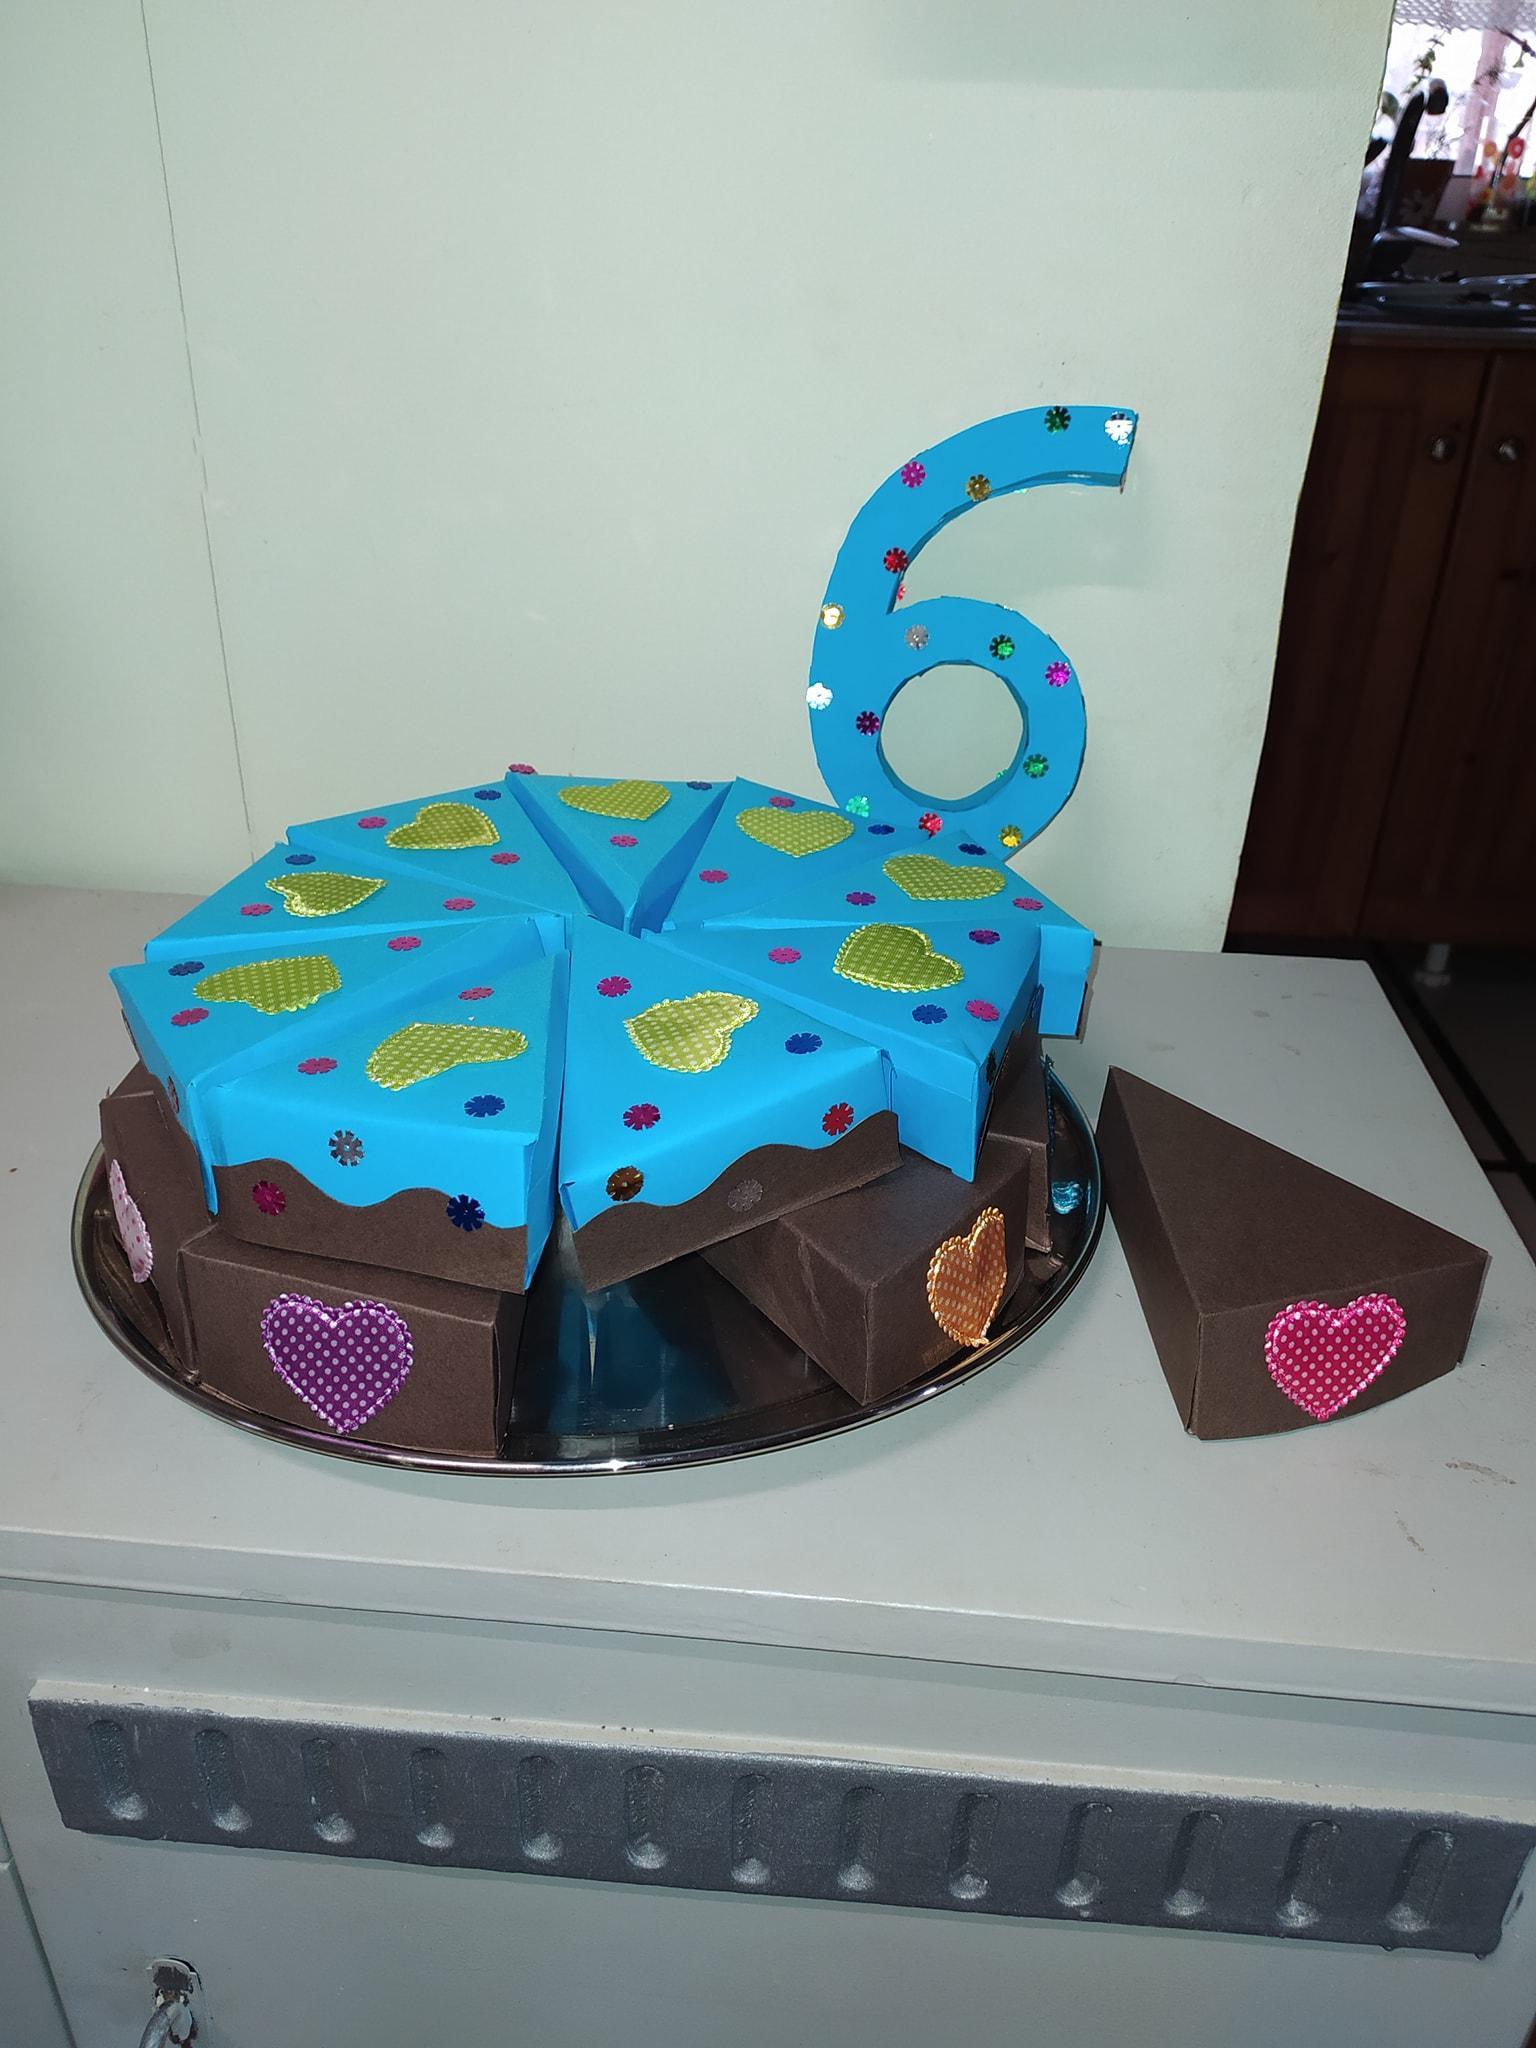 χάρτινη_τούρτα_κατασκευή_εκτυπώσεις_για_γενέθλια_